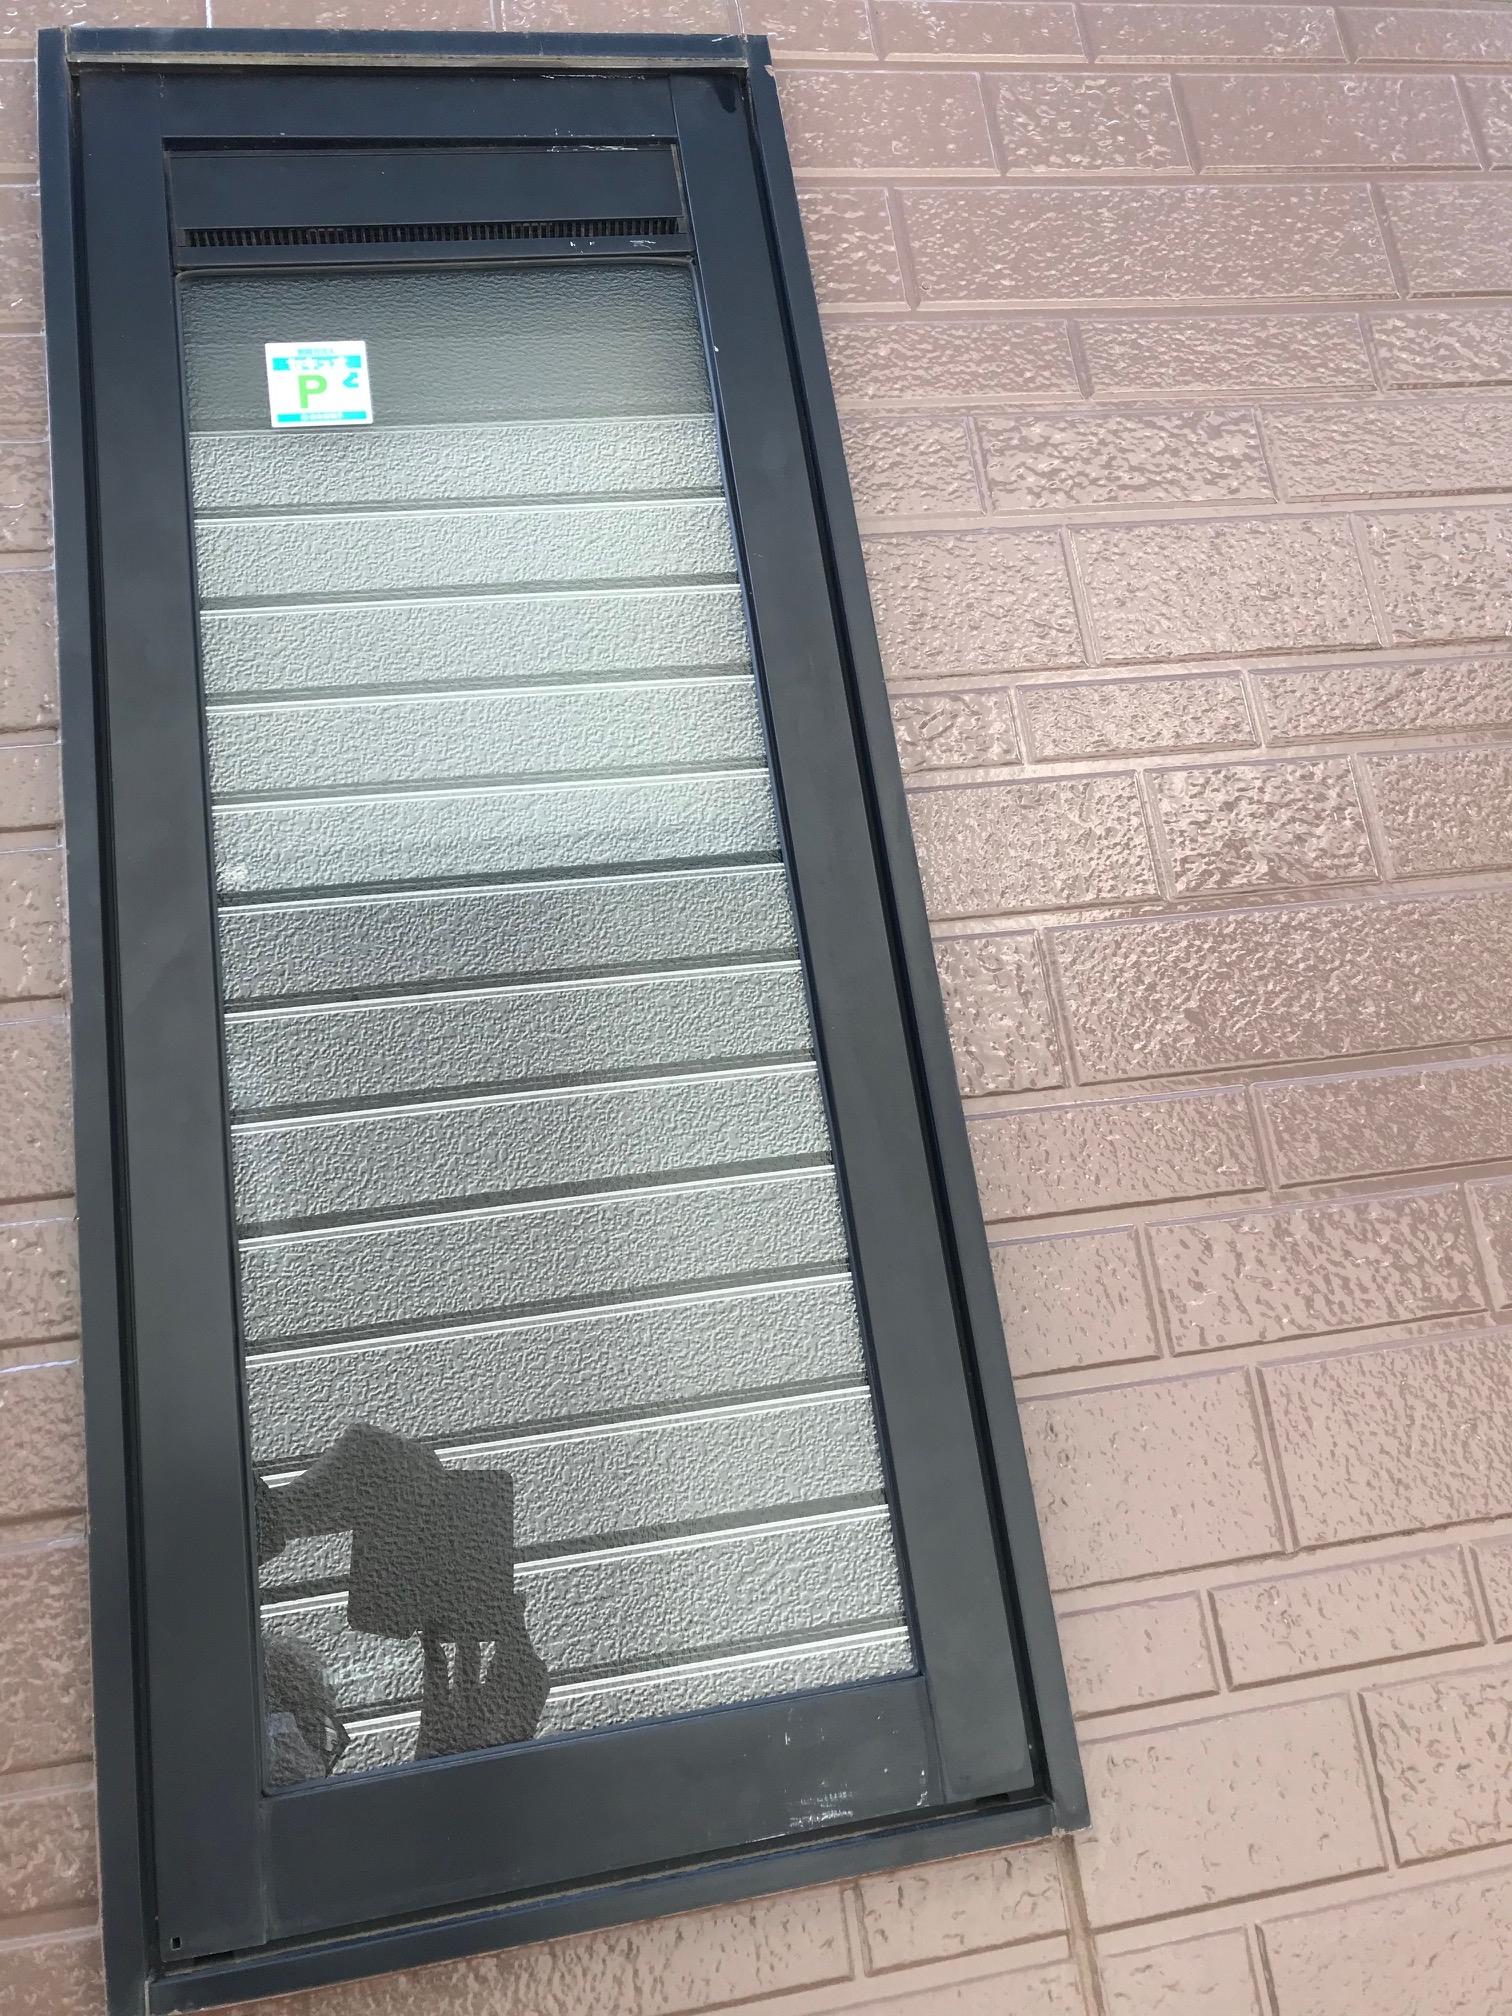 防犯ガラスセキュオ60 交換後(外壁が写真に写り込みルーバー窓に見えます)